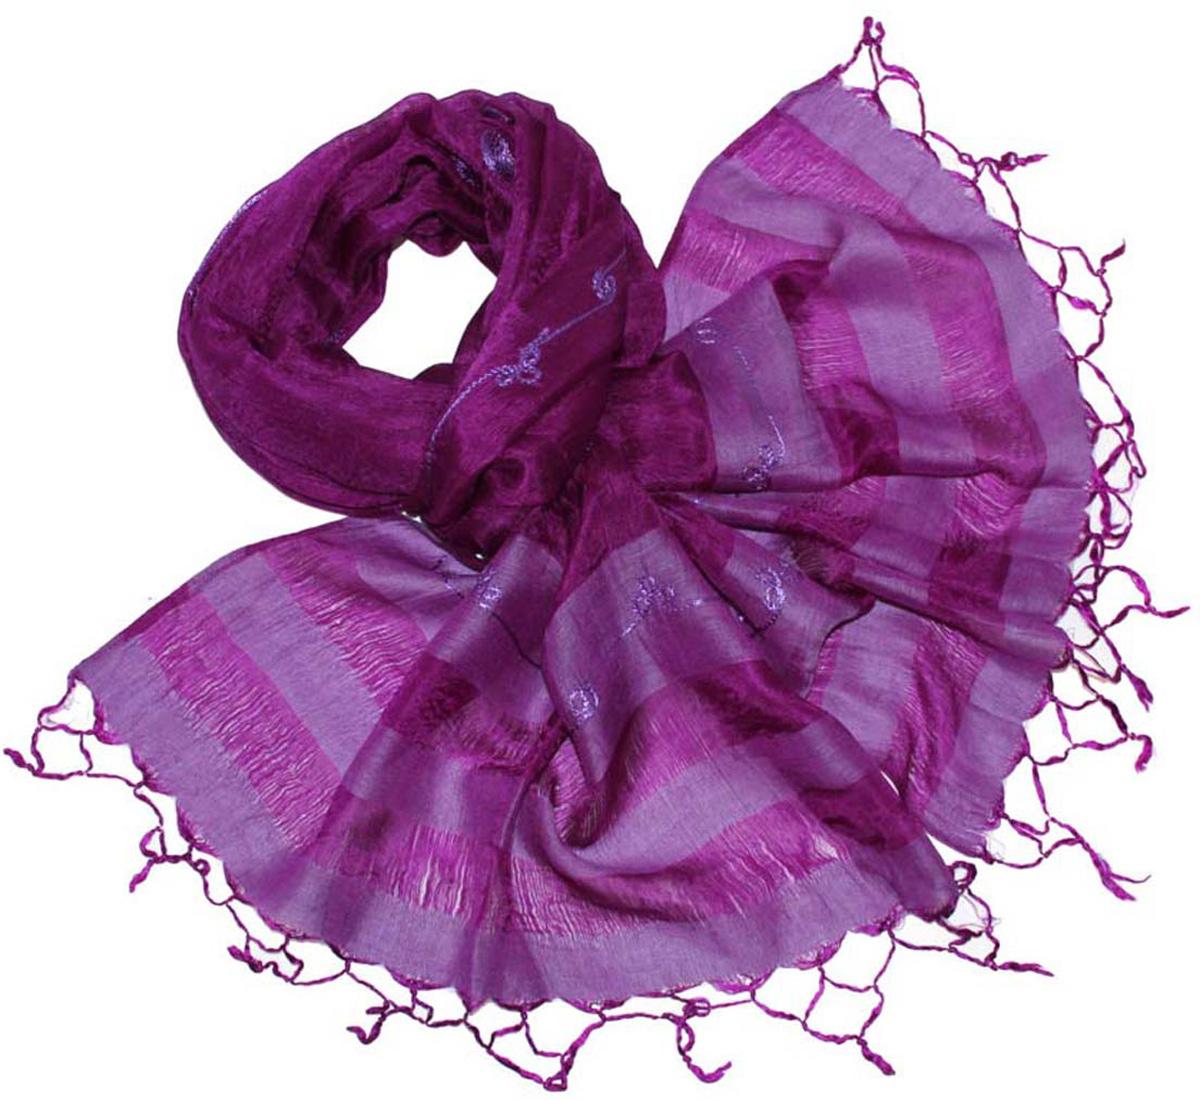 Шарф женский Ethnica, цвет: фиолетовый. 916225. Размер 55 см х 180 см916225Стильный шарф привлекательной расцветки с кисточками по краю изготовлен из 100% шелка. Он удачно дополнит ваш гардероб и поможет создать новый повседневный образ, добавить в него яркие краски. Отличный вариант для тех, кто стремится к самовыражению и новизне!